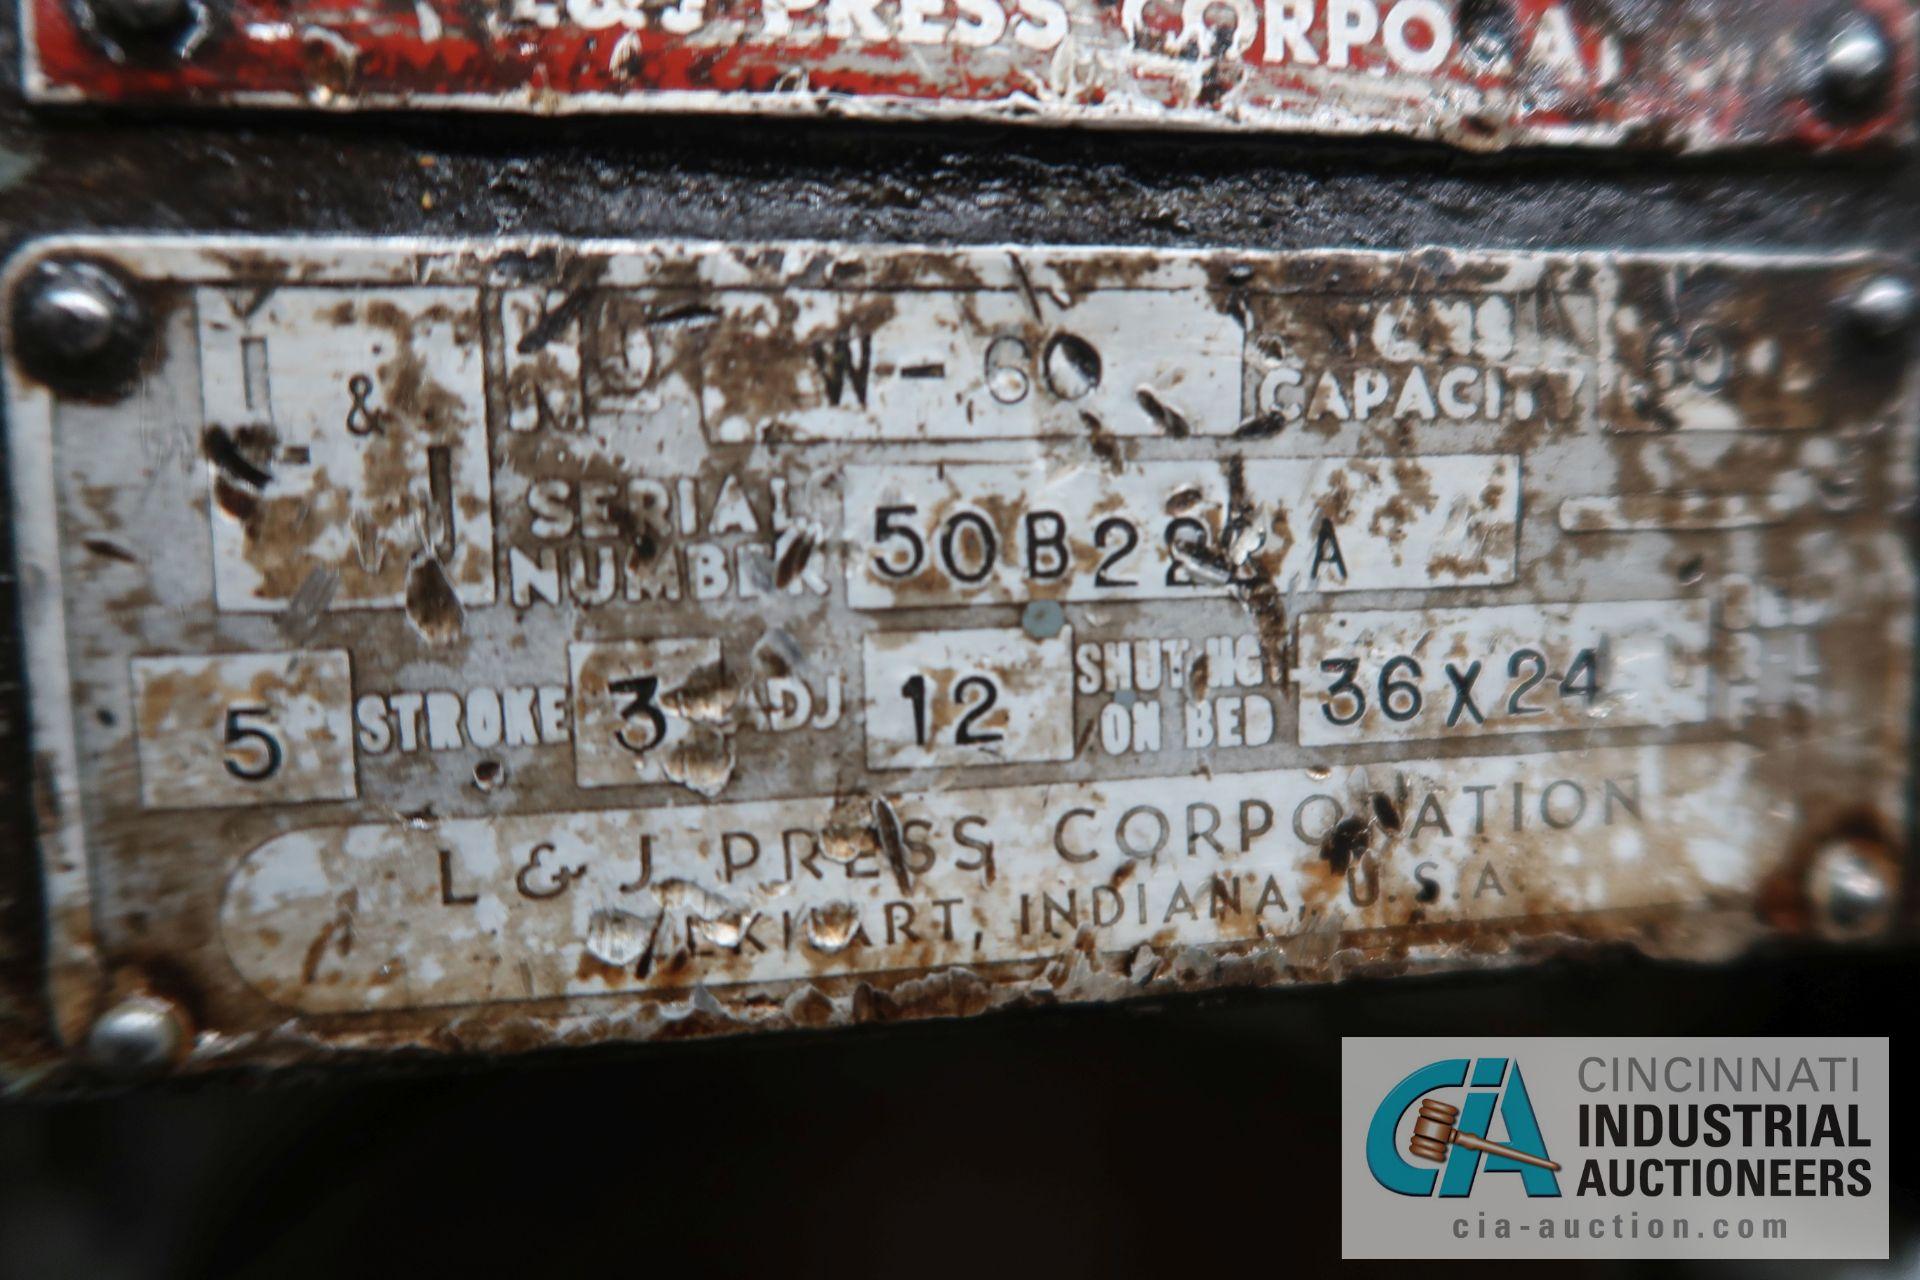 """60 TON L&J MODEL W-60 BACK GEARED OBI PRESS; S/N 50B222-A, 5"""" STROKE, 3"""" ADJUST, 12"""" SHUT HEIGHT - Image 13 of 13"""